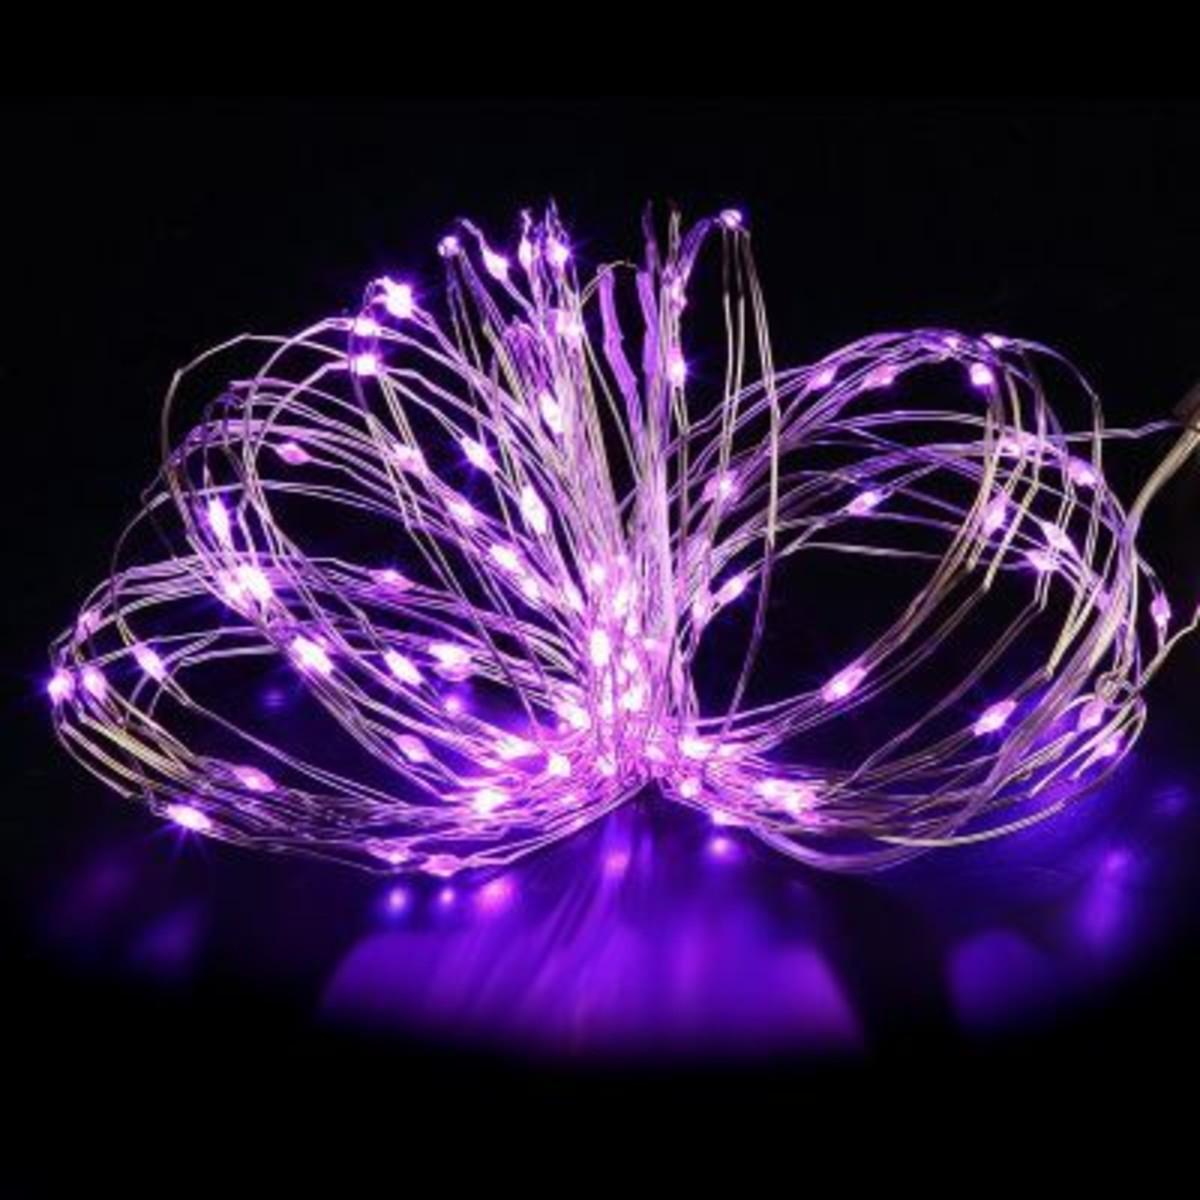 Электрогирлянда комнатная «Роса» 5 м 50 LED фиолетовый на батарейках